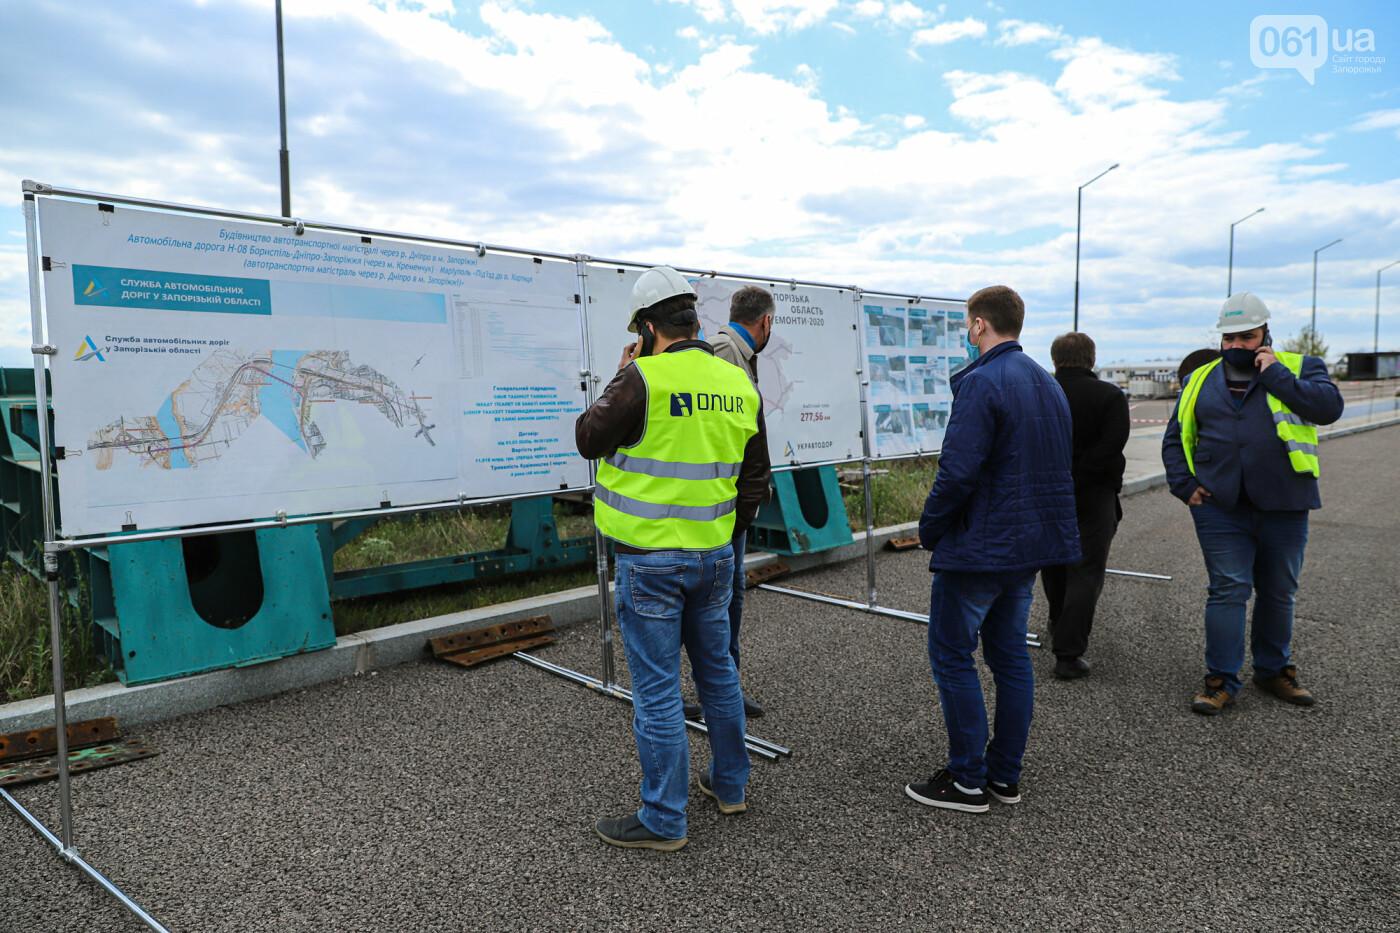 Глава Укравтодора побывал на запорожских мостах — планирует их достроить за два года, - ФОТОРЕПОРТАЖ , фото-41